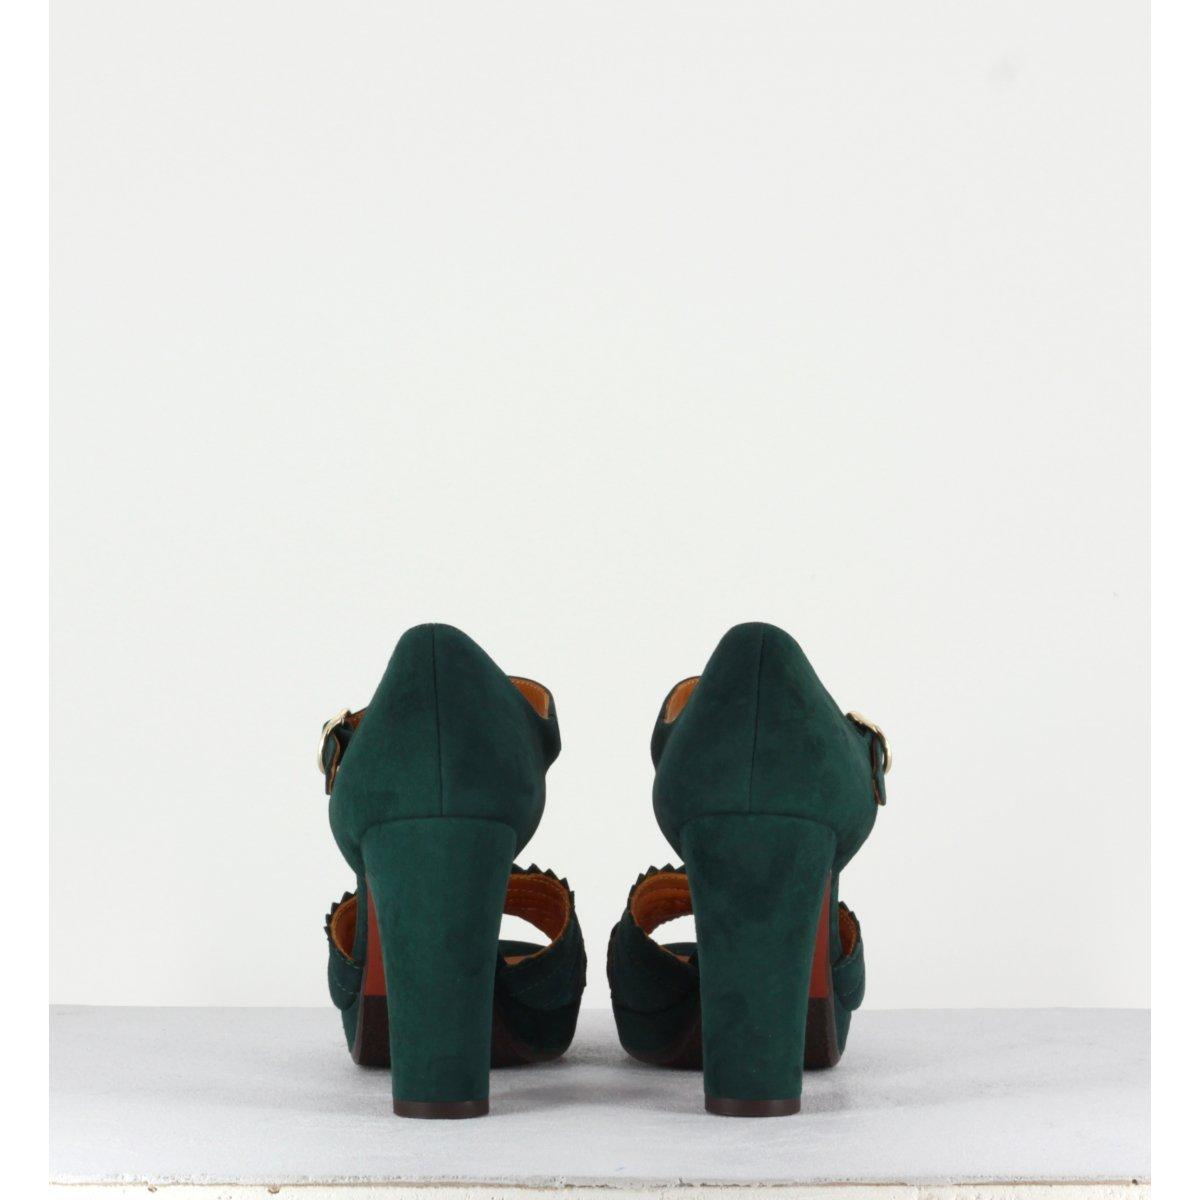 Sandales vertes en suede LENTIL31V - CHIE MIHARA